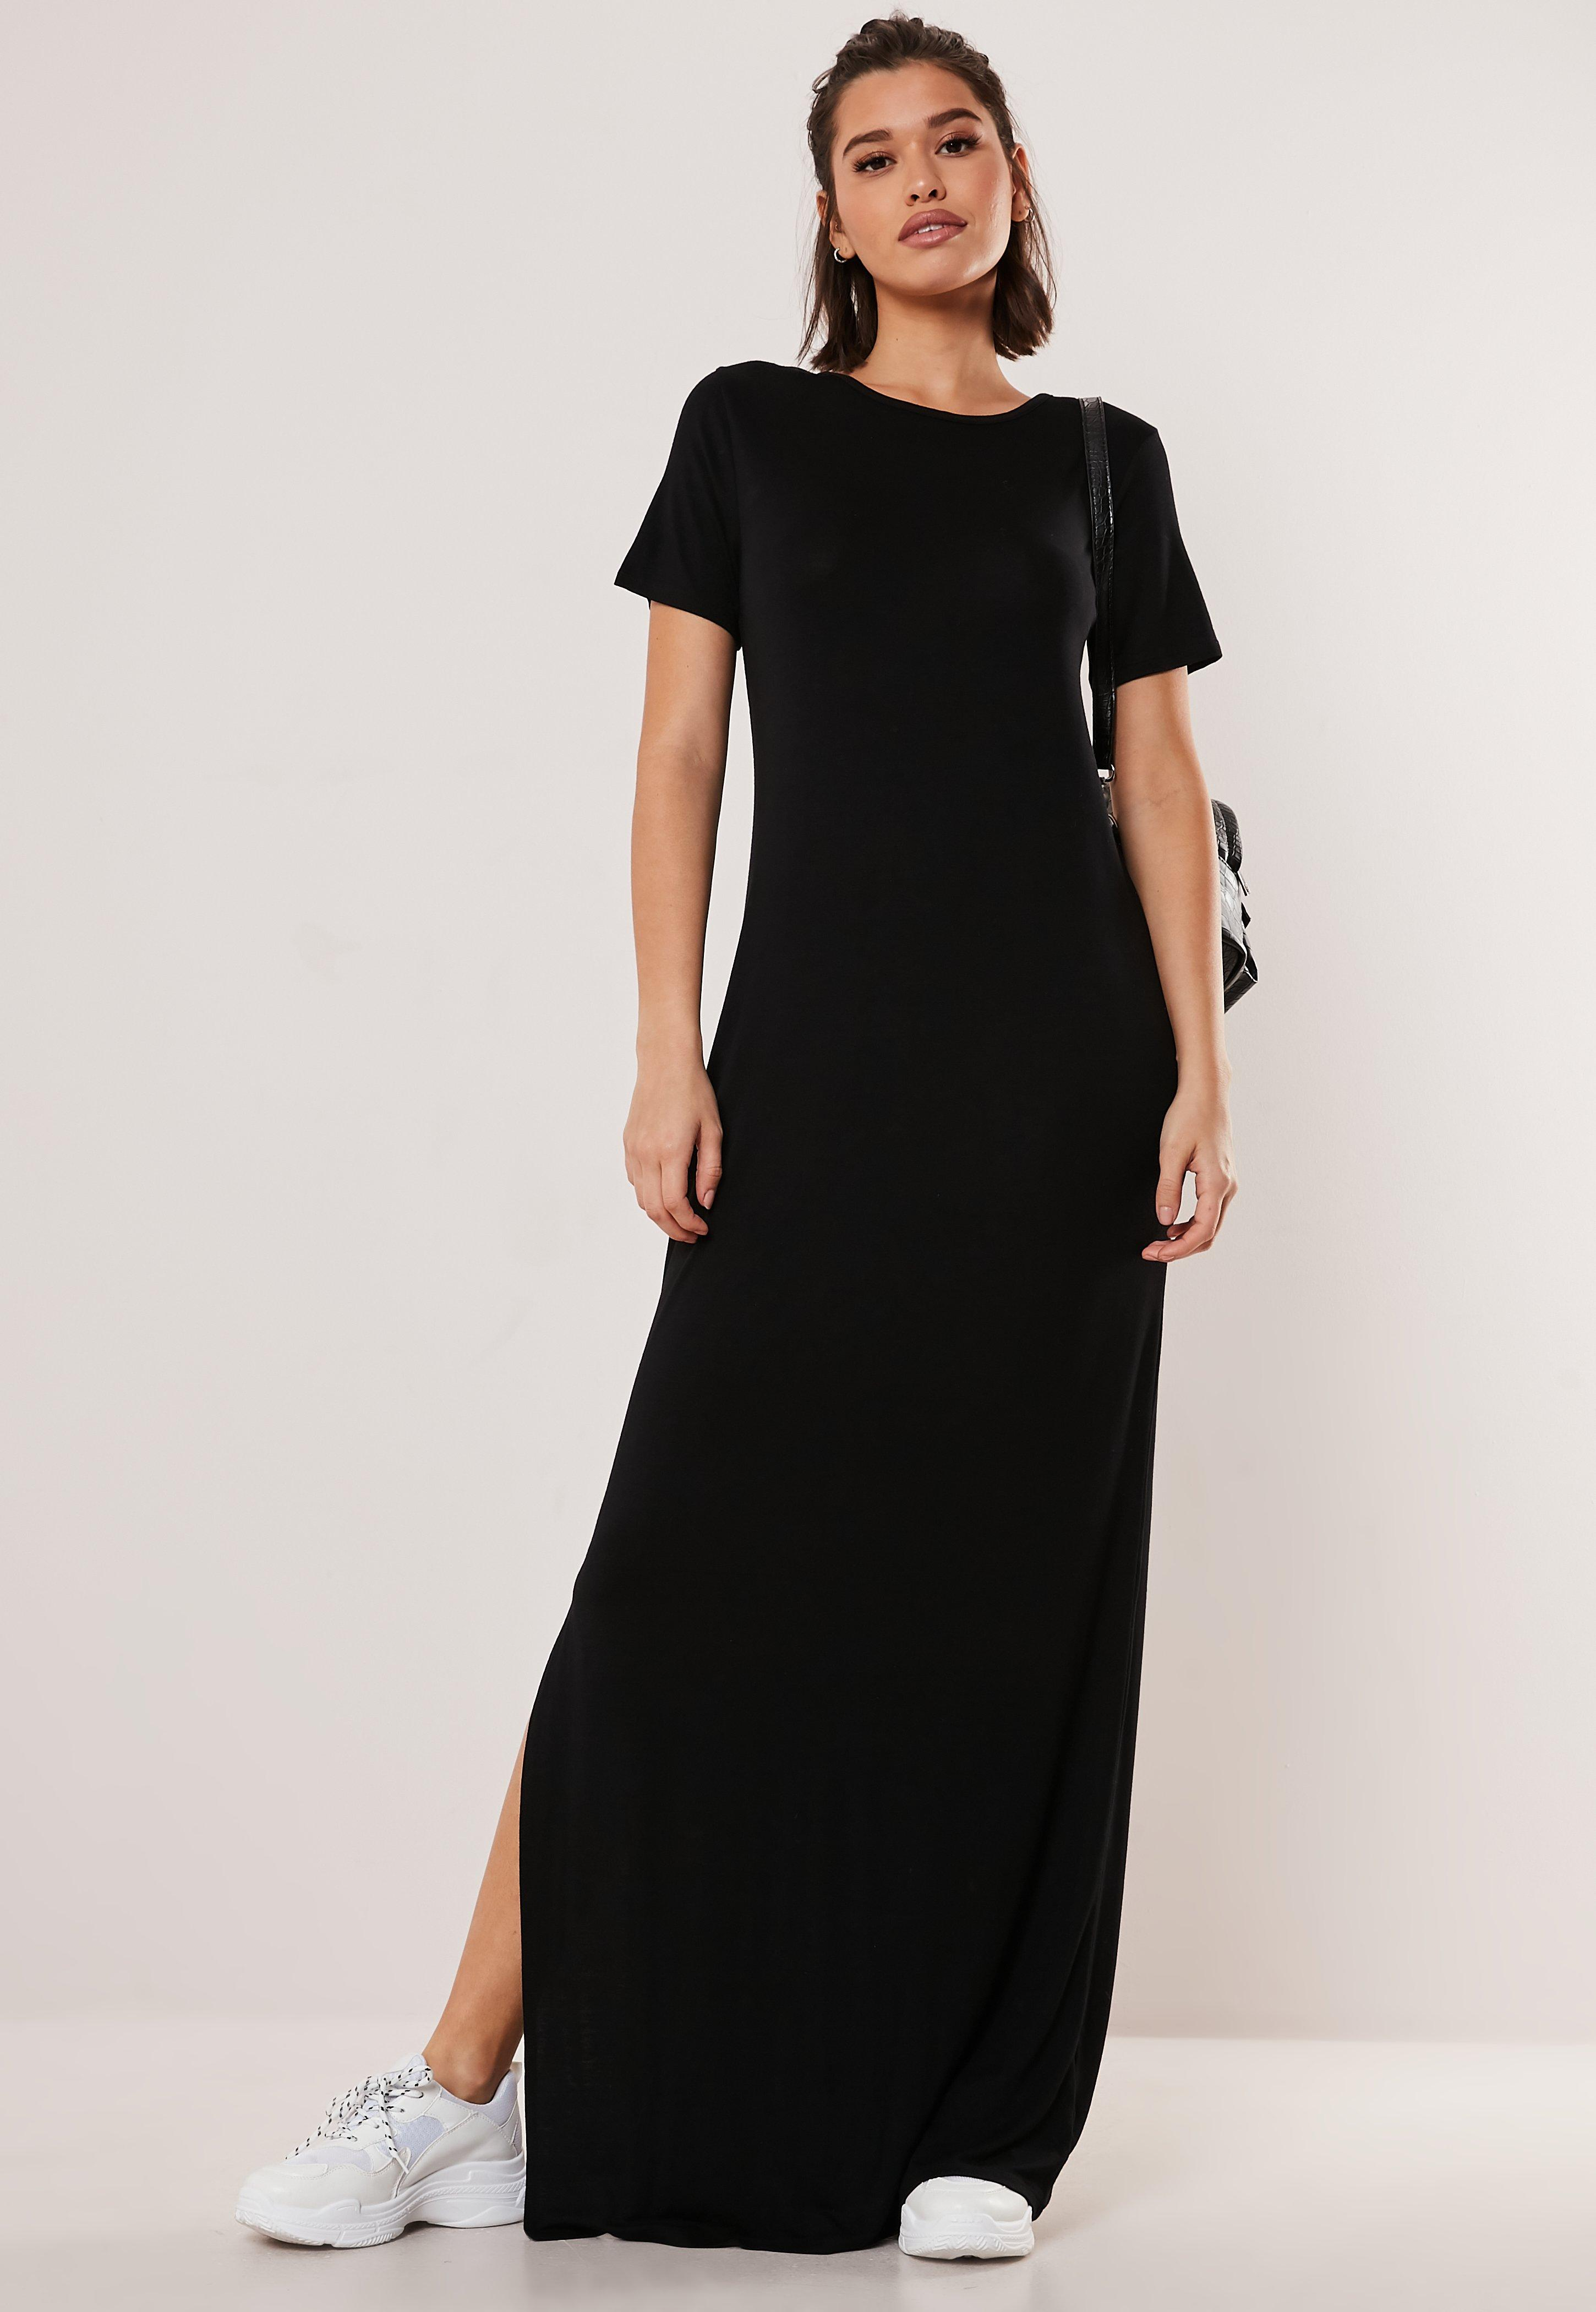 f82d294e7e4d3 Petite Black Basic Side Split T Shirt Maxi Dress